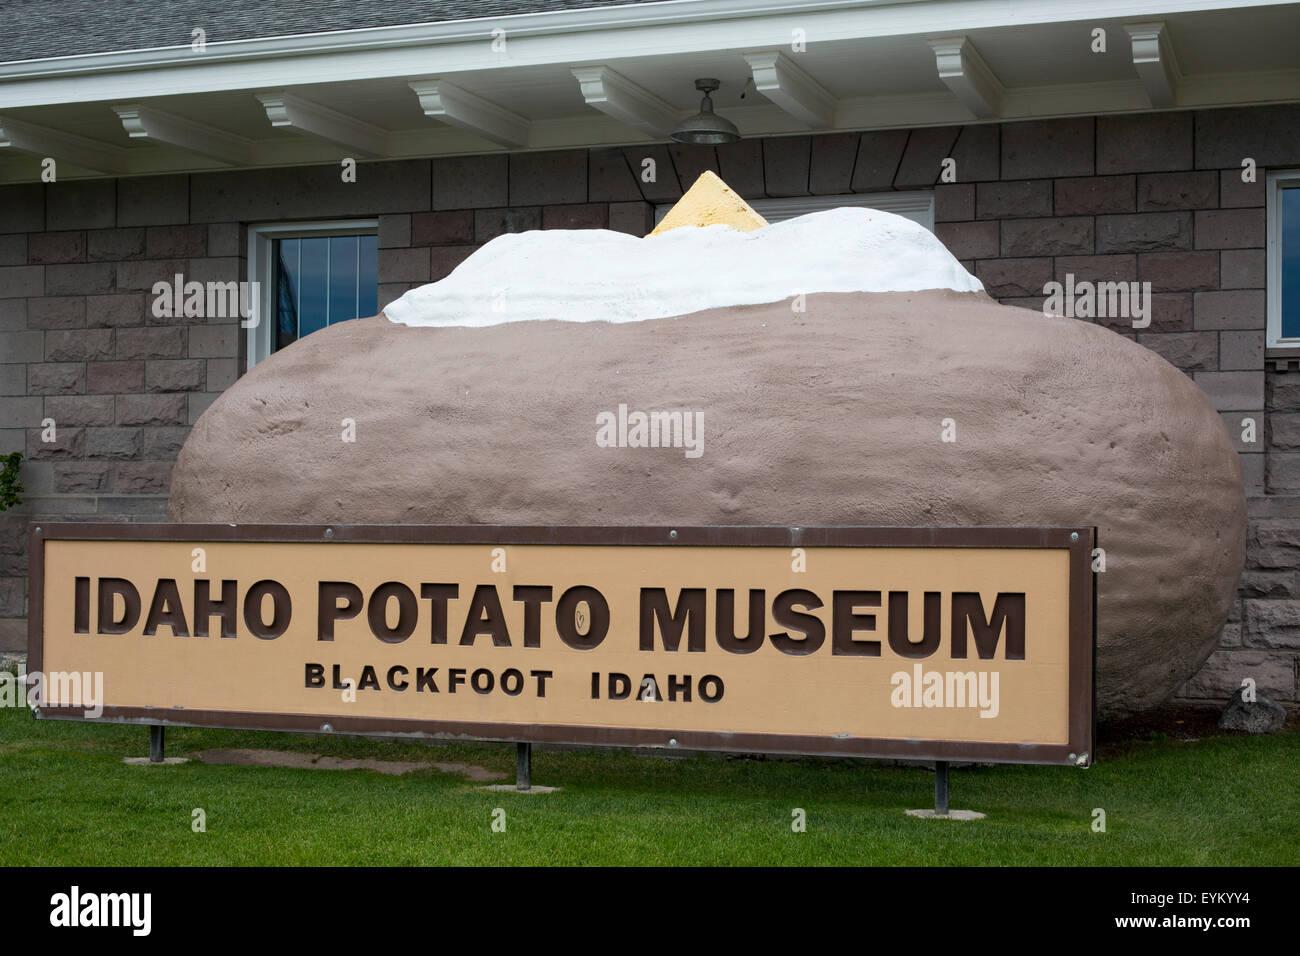 Blackfoot, Idaho - The Idaho Potato Museum. - Stock Image